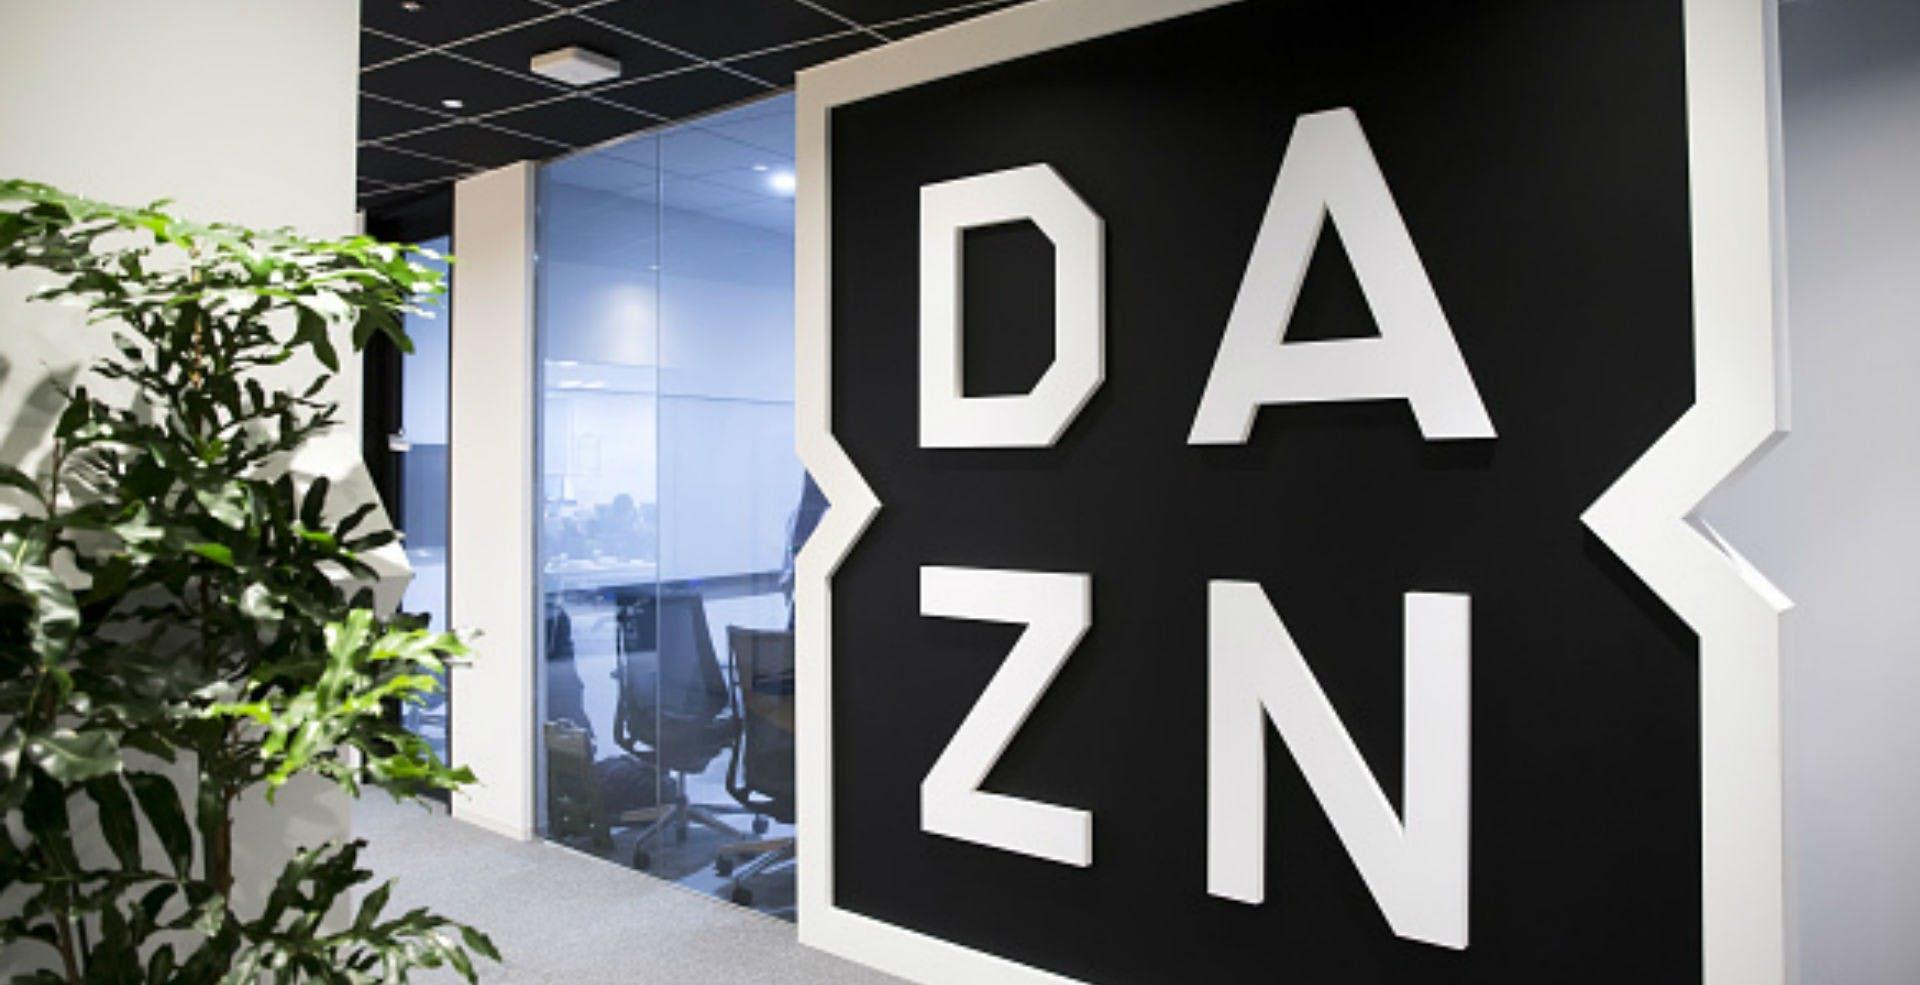 DAZN e Ubi Banca si aggiungono al catalogo AppGallery di Huawei